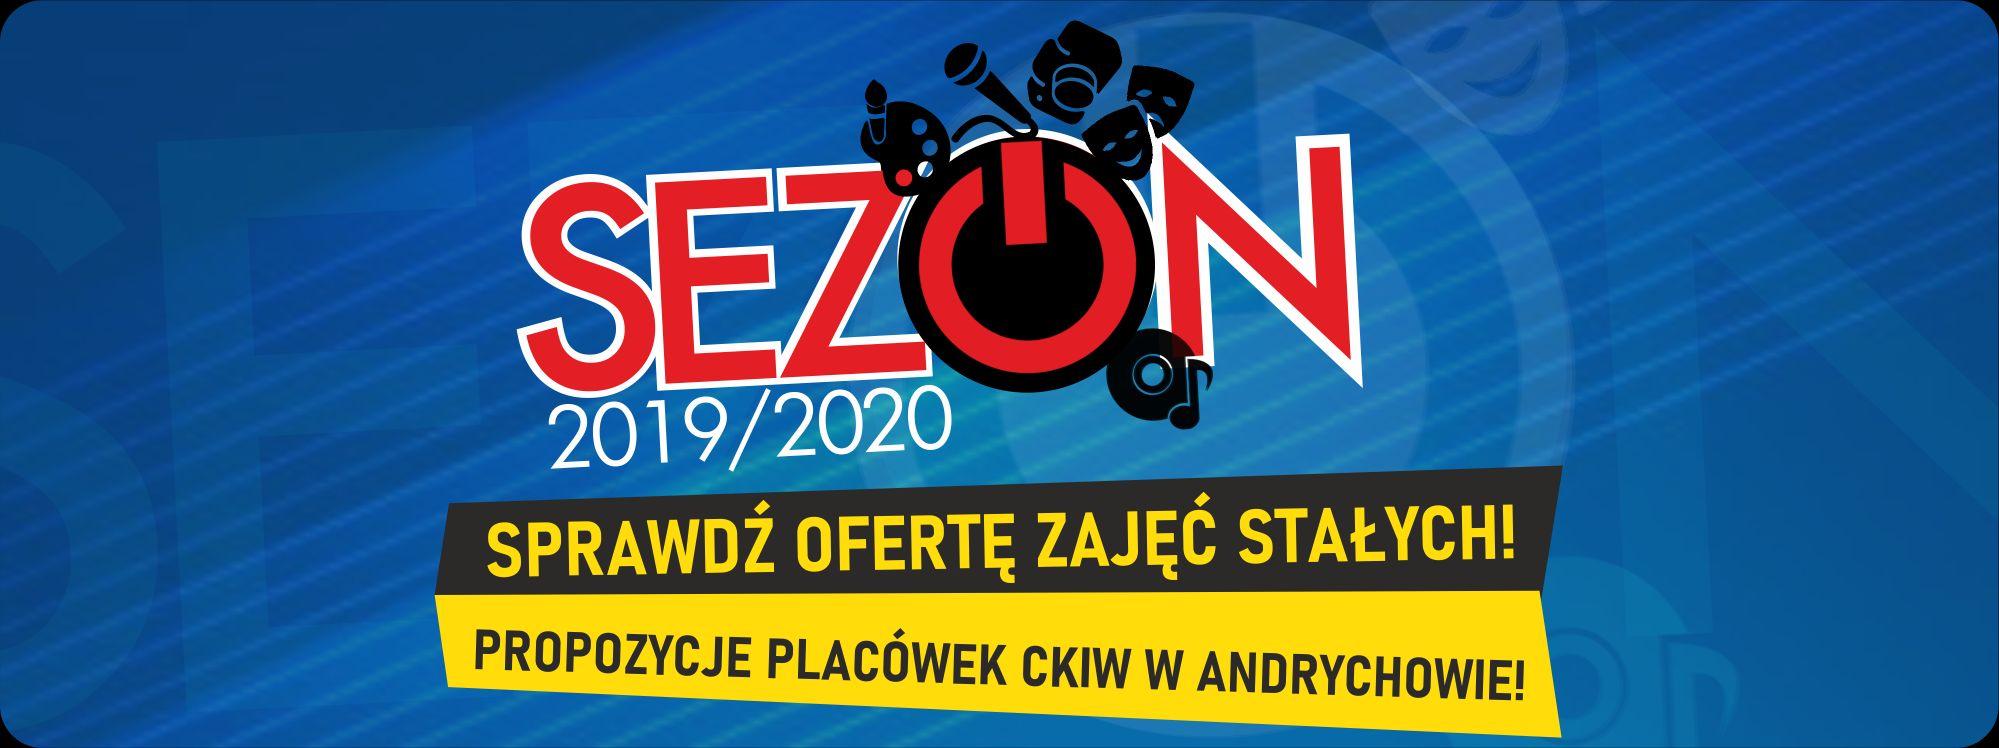 AKCJA REKRUTACJA! Wykaz zajęć stałych – propozycje placówek CKiW w Andrychowie!